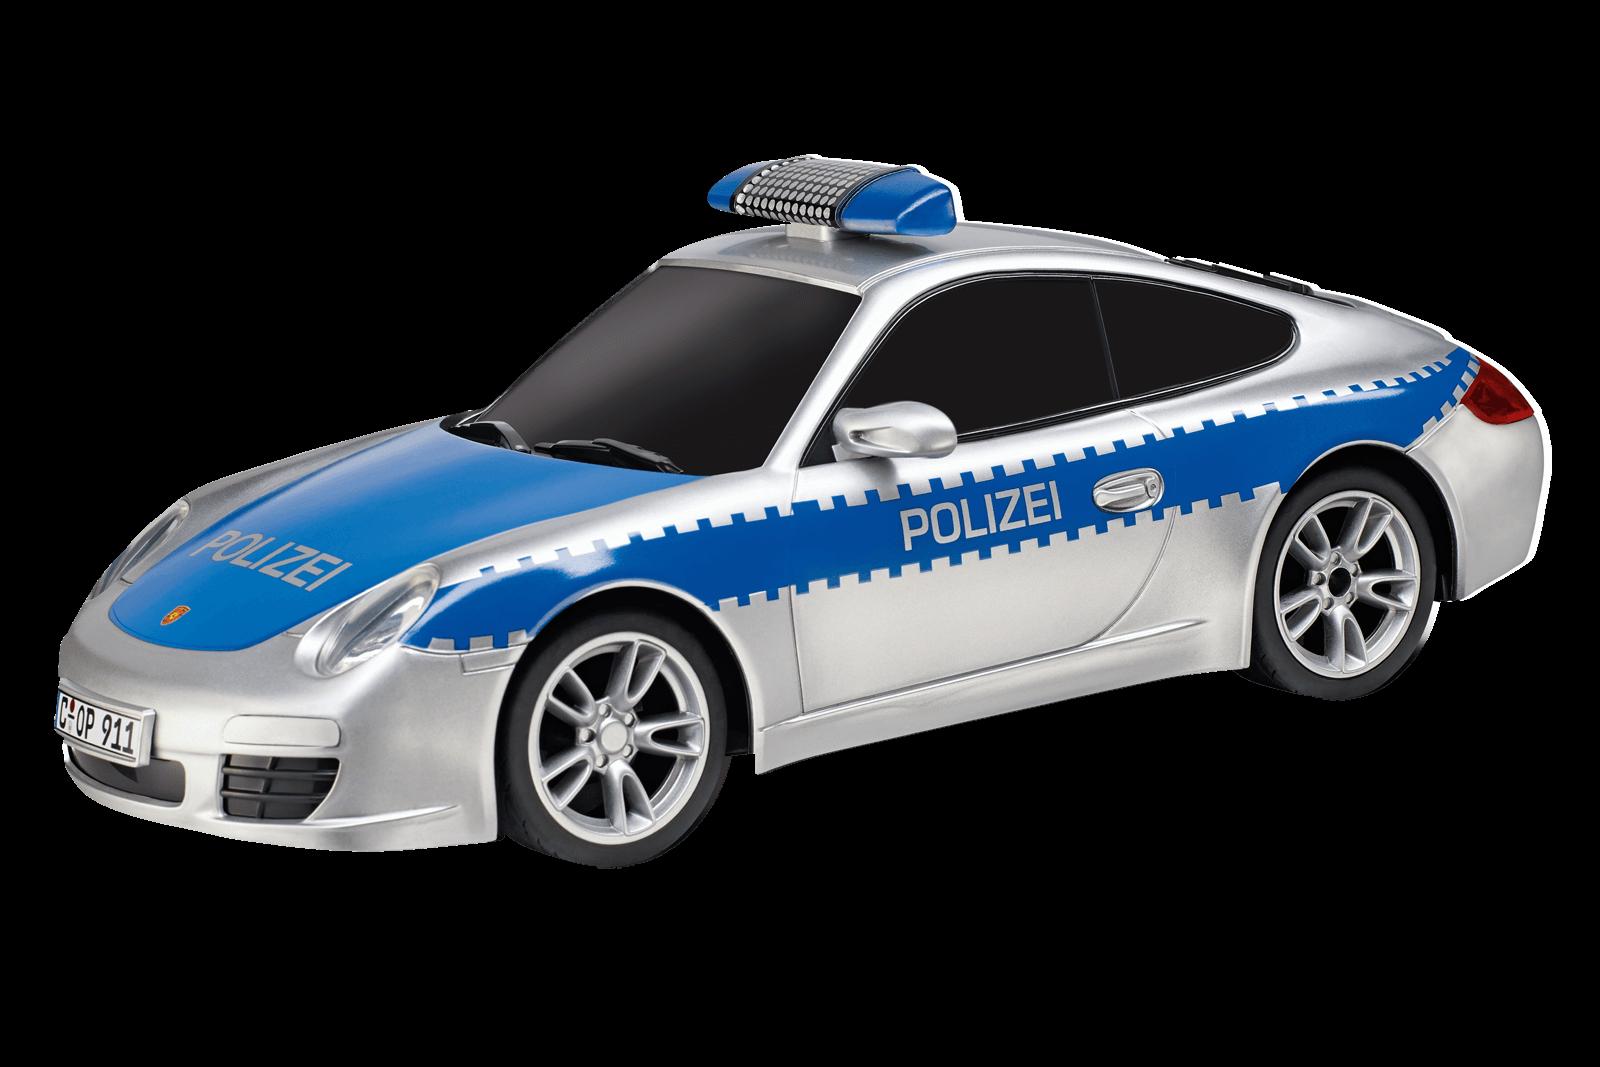 POLIZEI PORSCHE 911